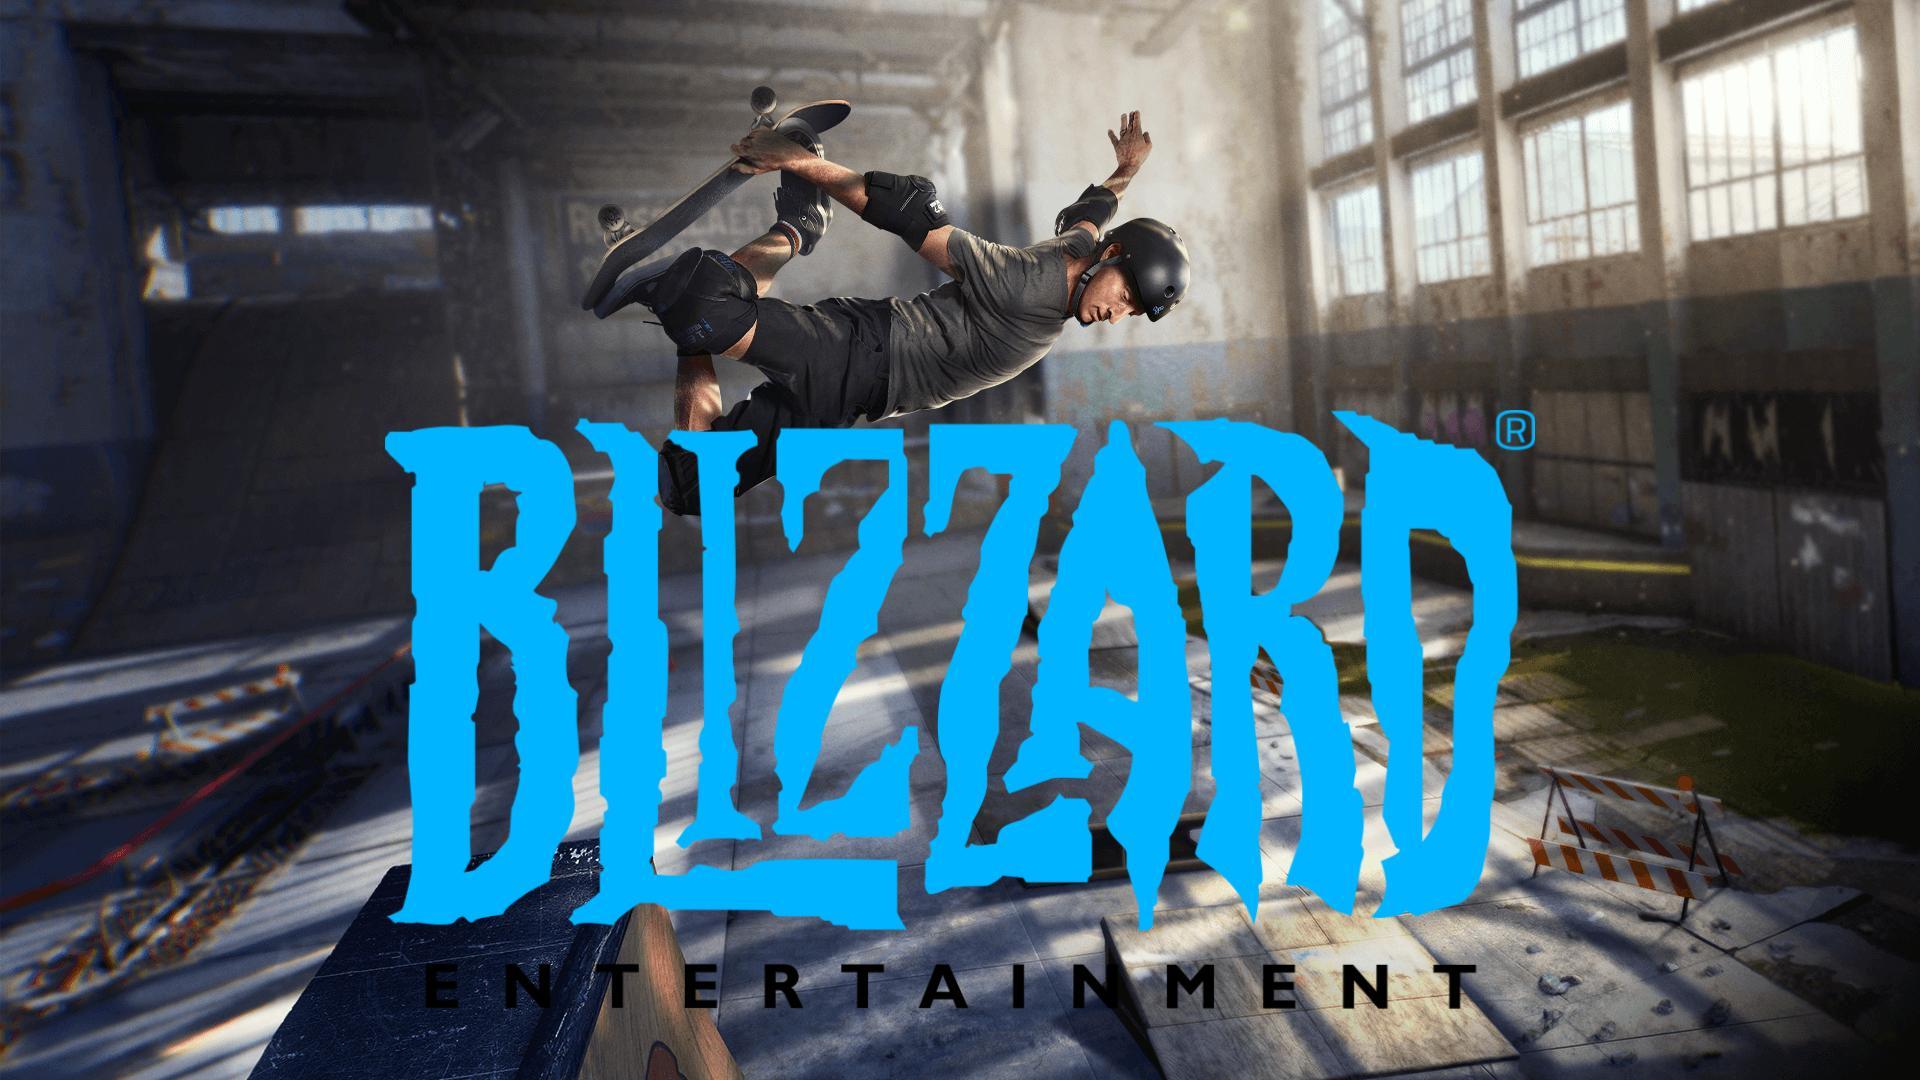 Studio di sebalik THPS 1+2 digabungkan dengan Blizzard